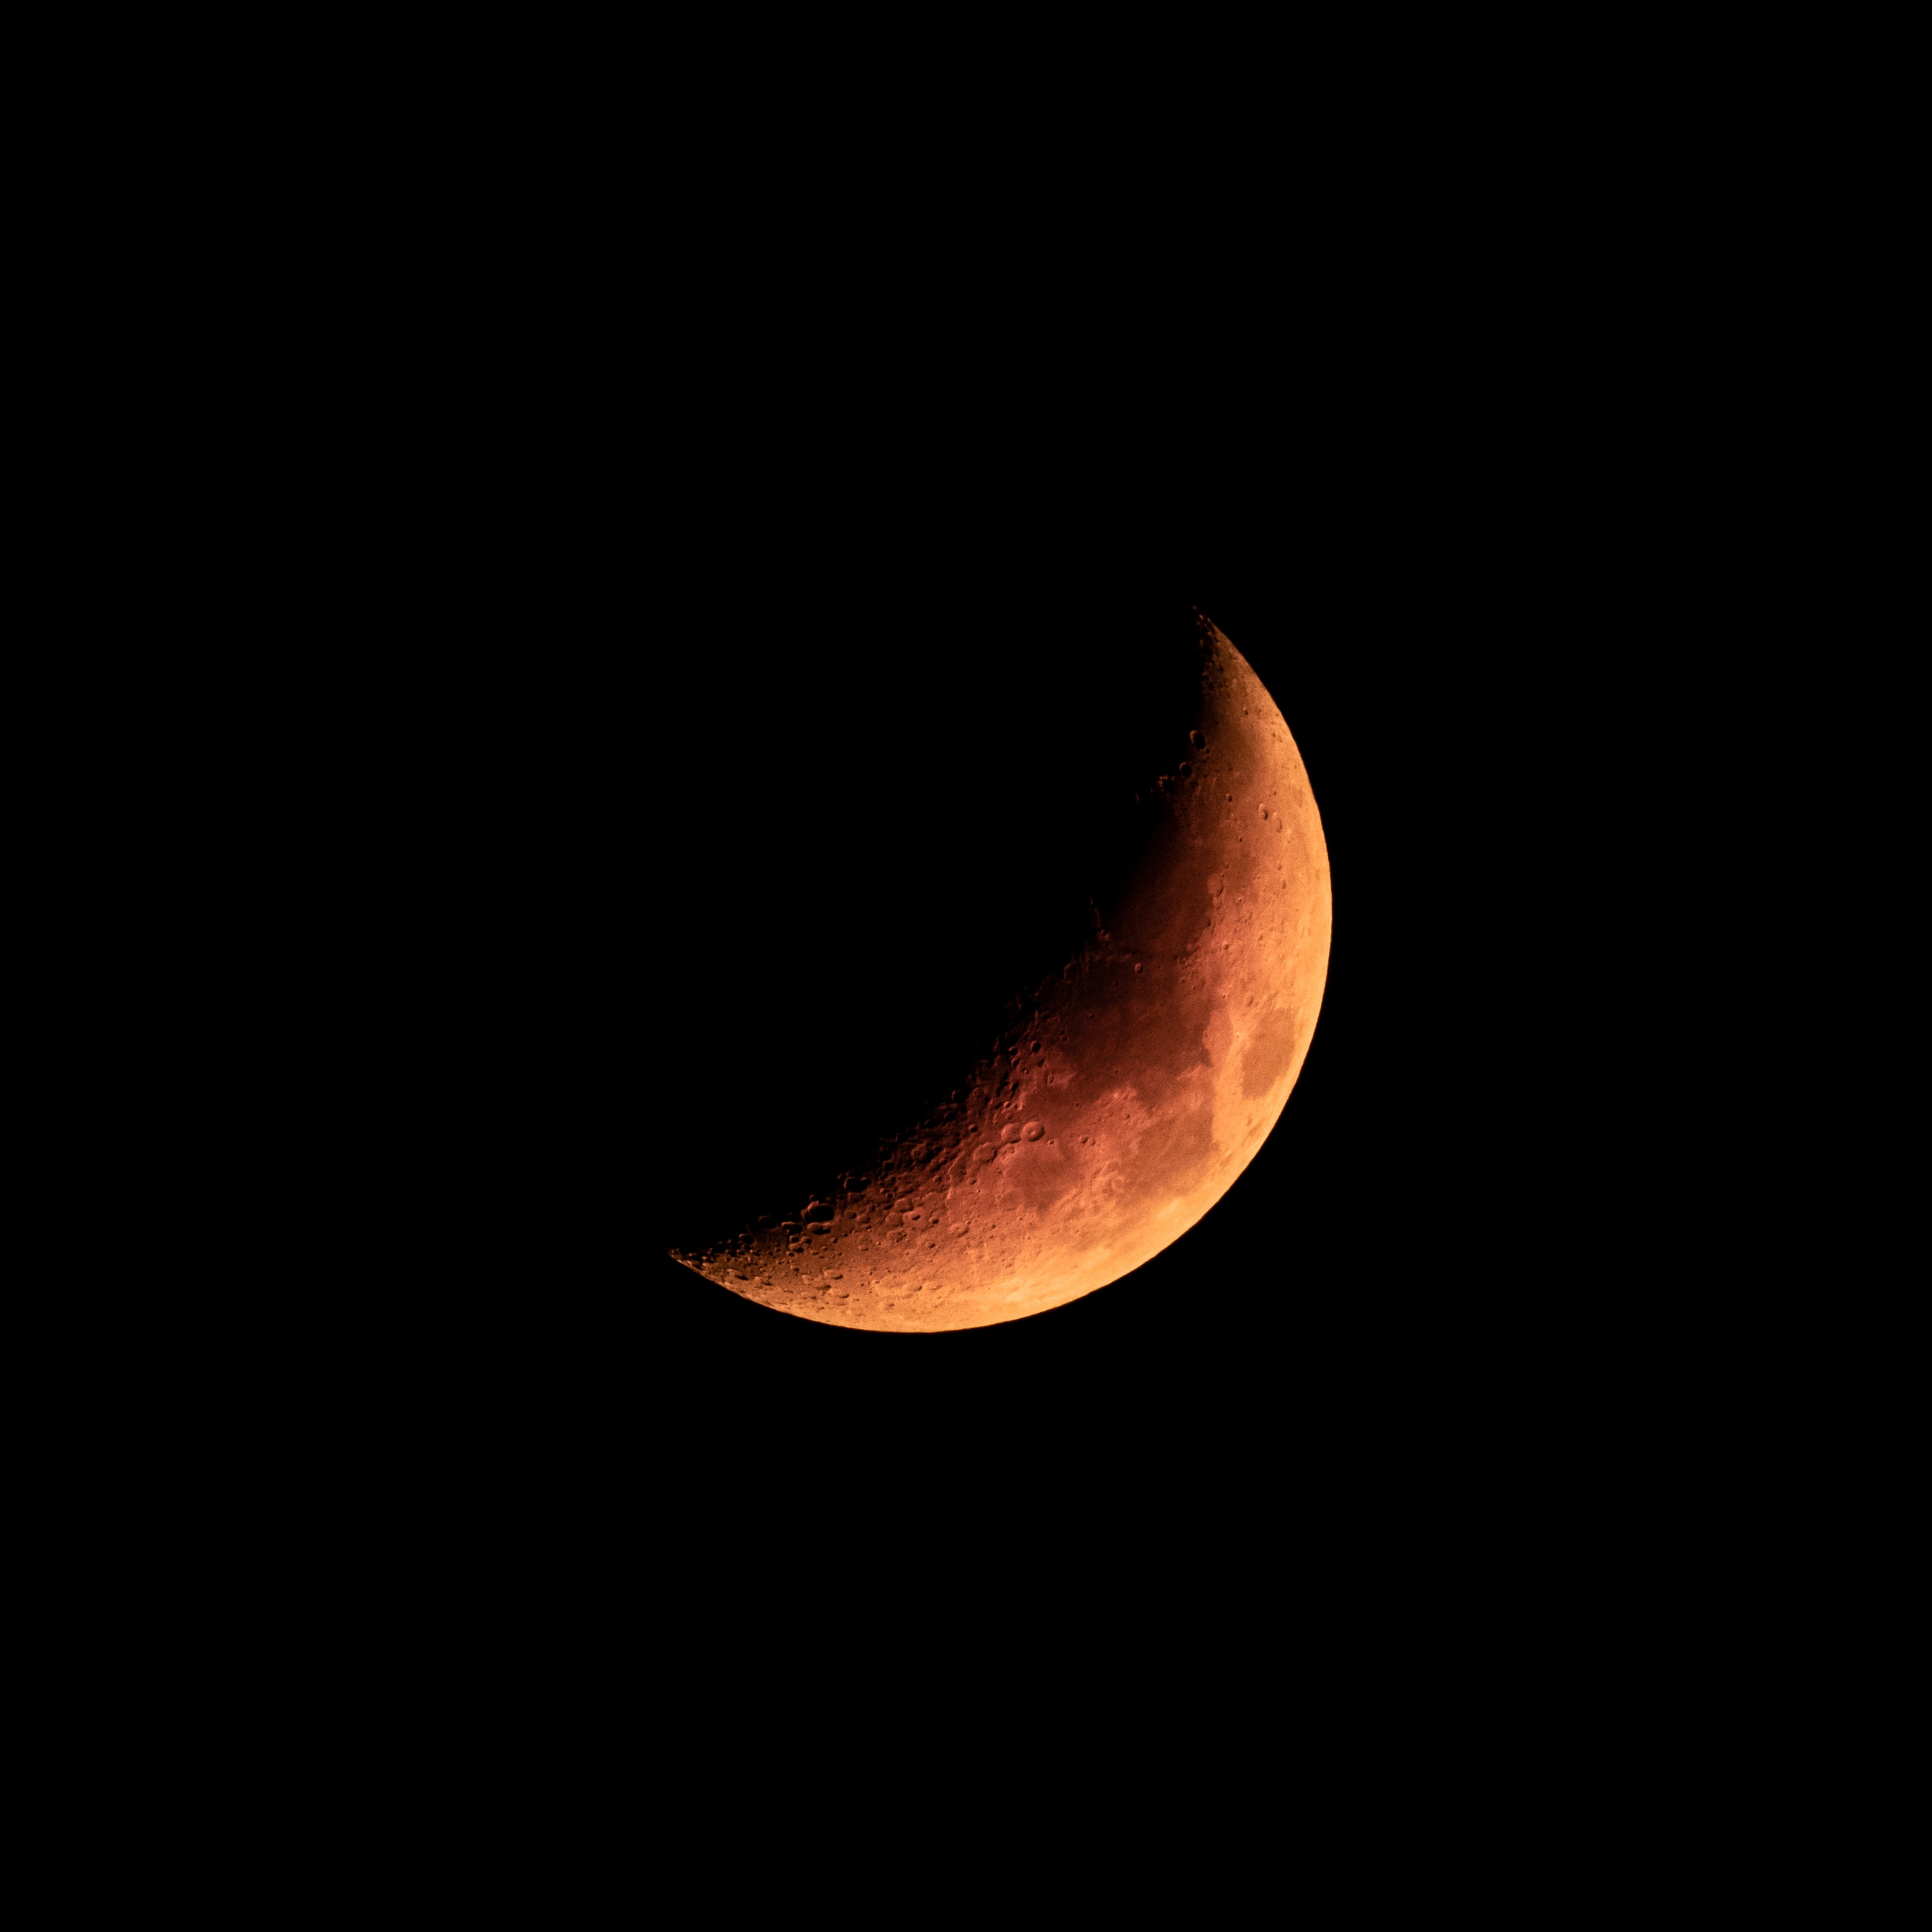 97344 Заставки и Обои Луна на телефон. Скачать Луна, Ночь, Темные, Черный картинки бесплатно